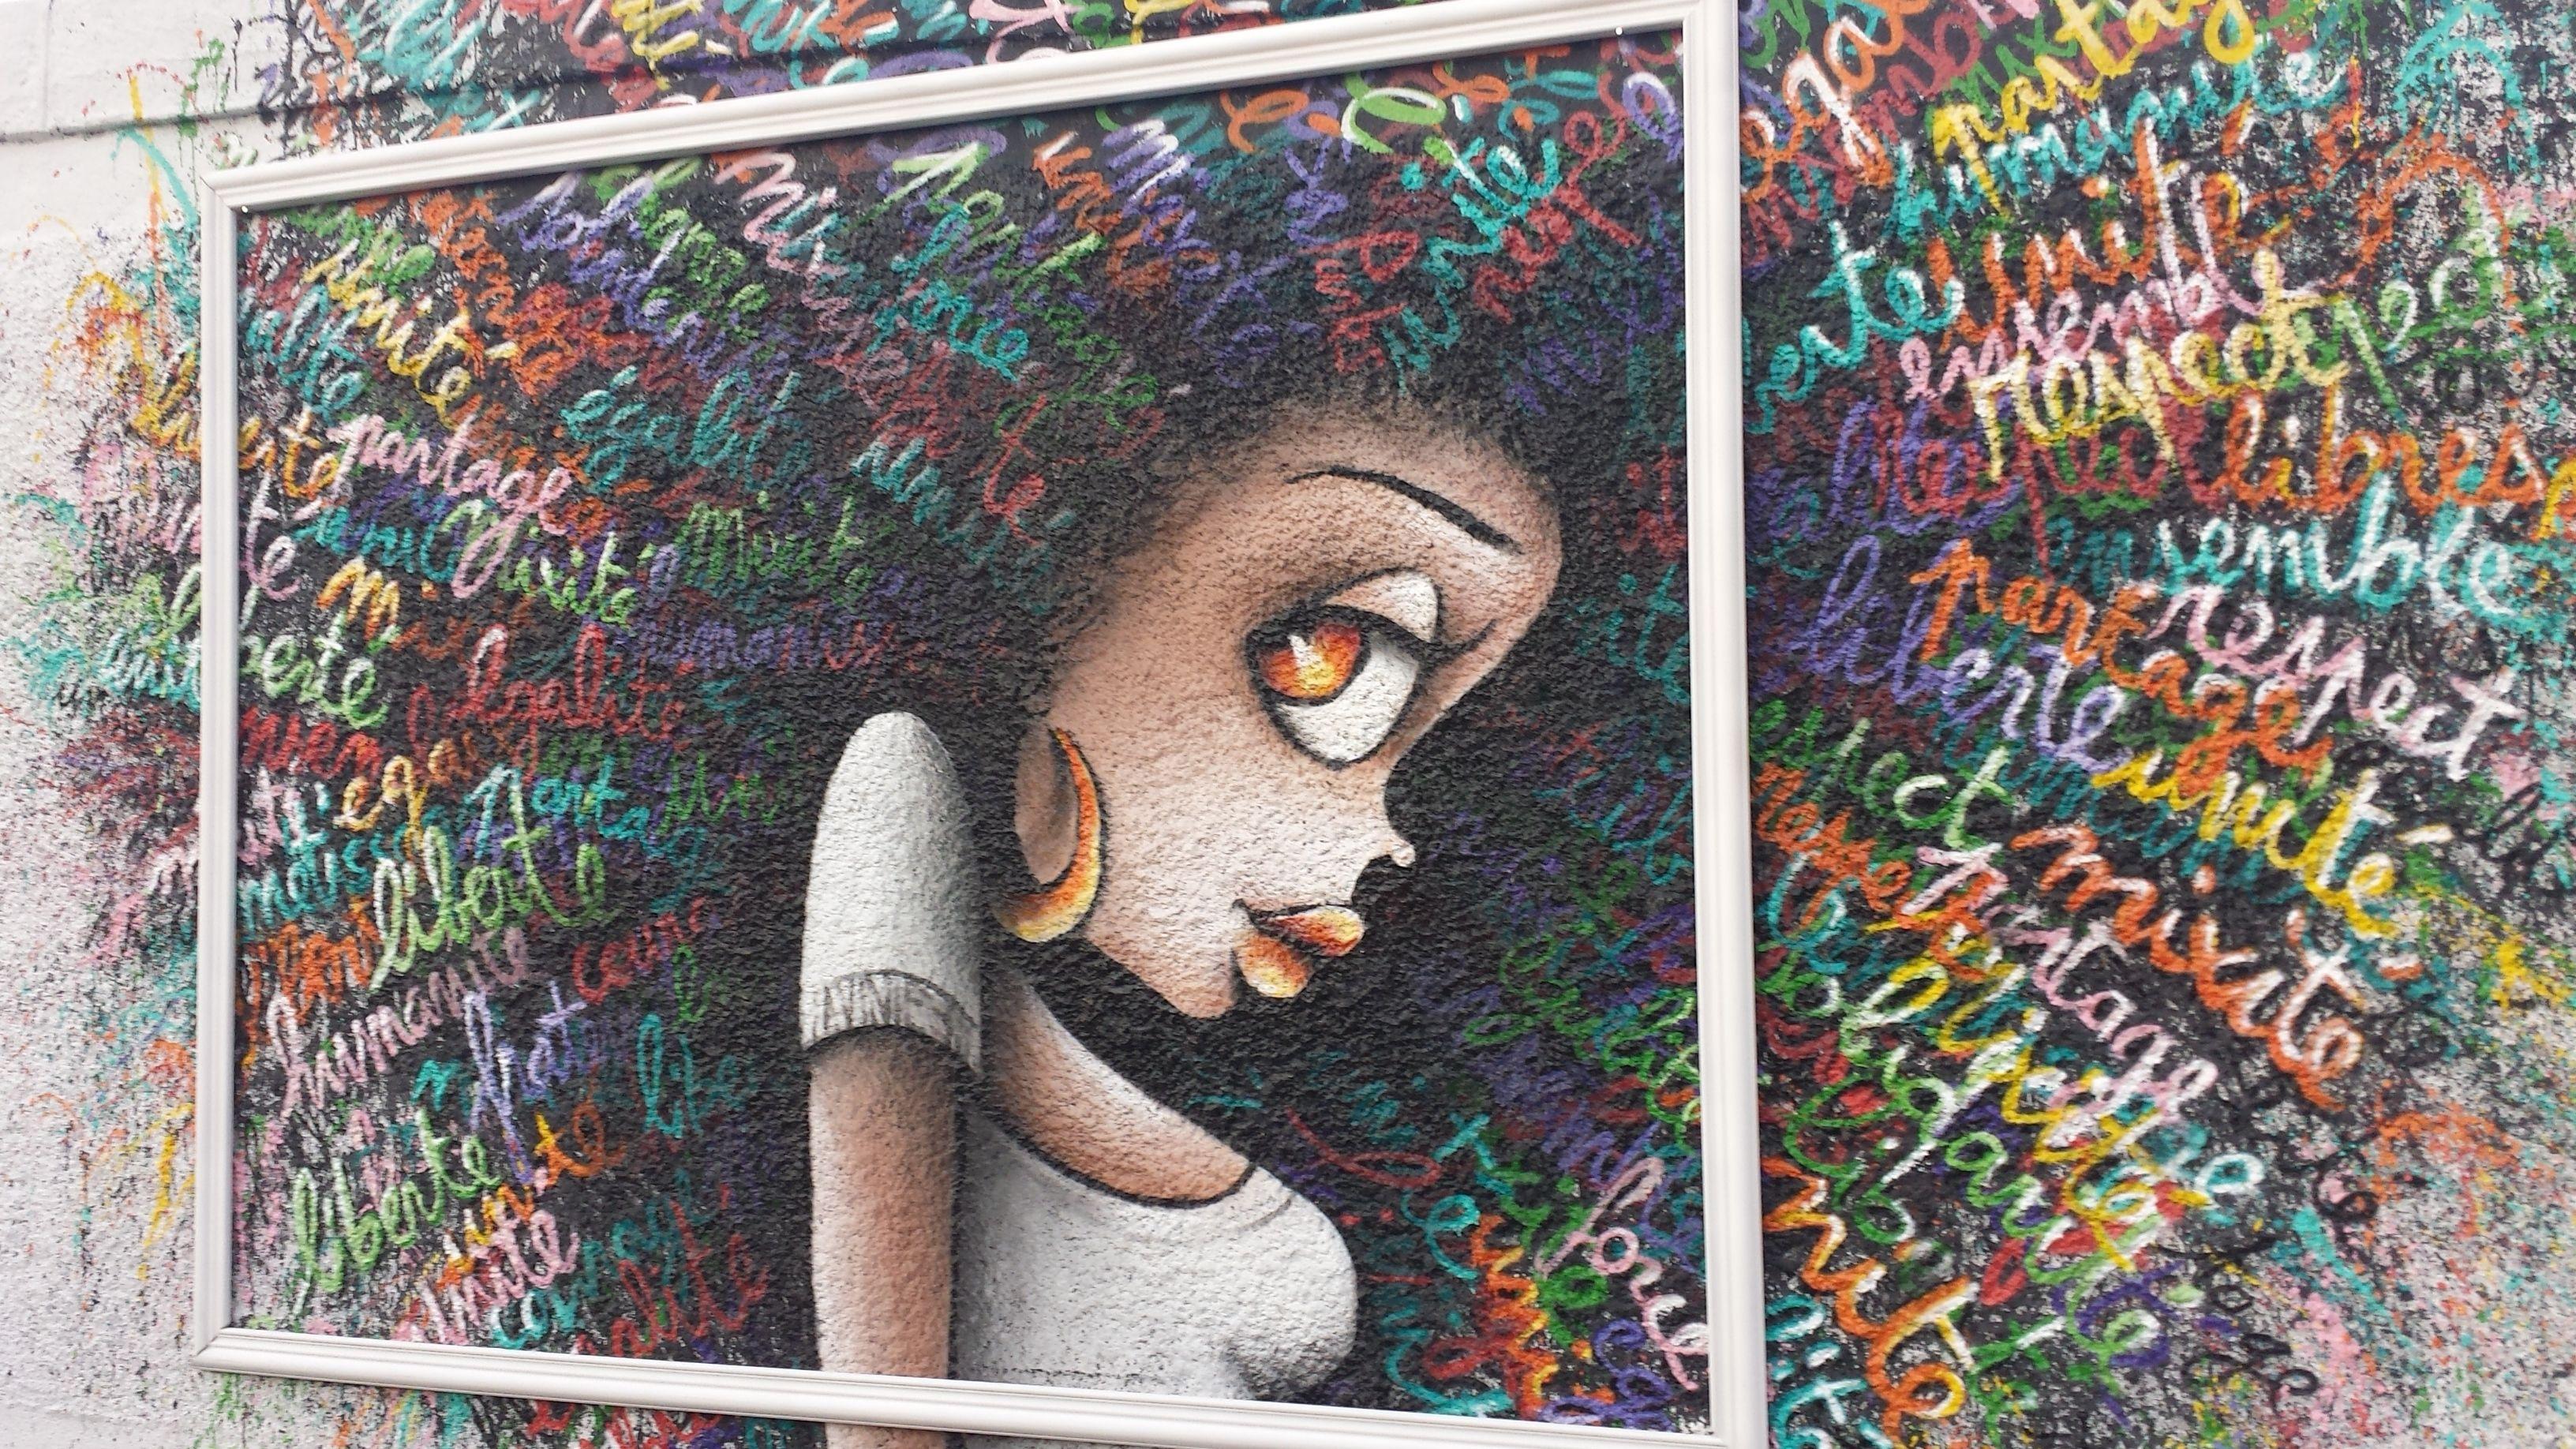 rosa parks fait le mur paris 19 me vinnie graffiti art. Black Bedroom Furniture Sets. Home Design Ideas